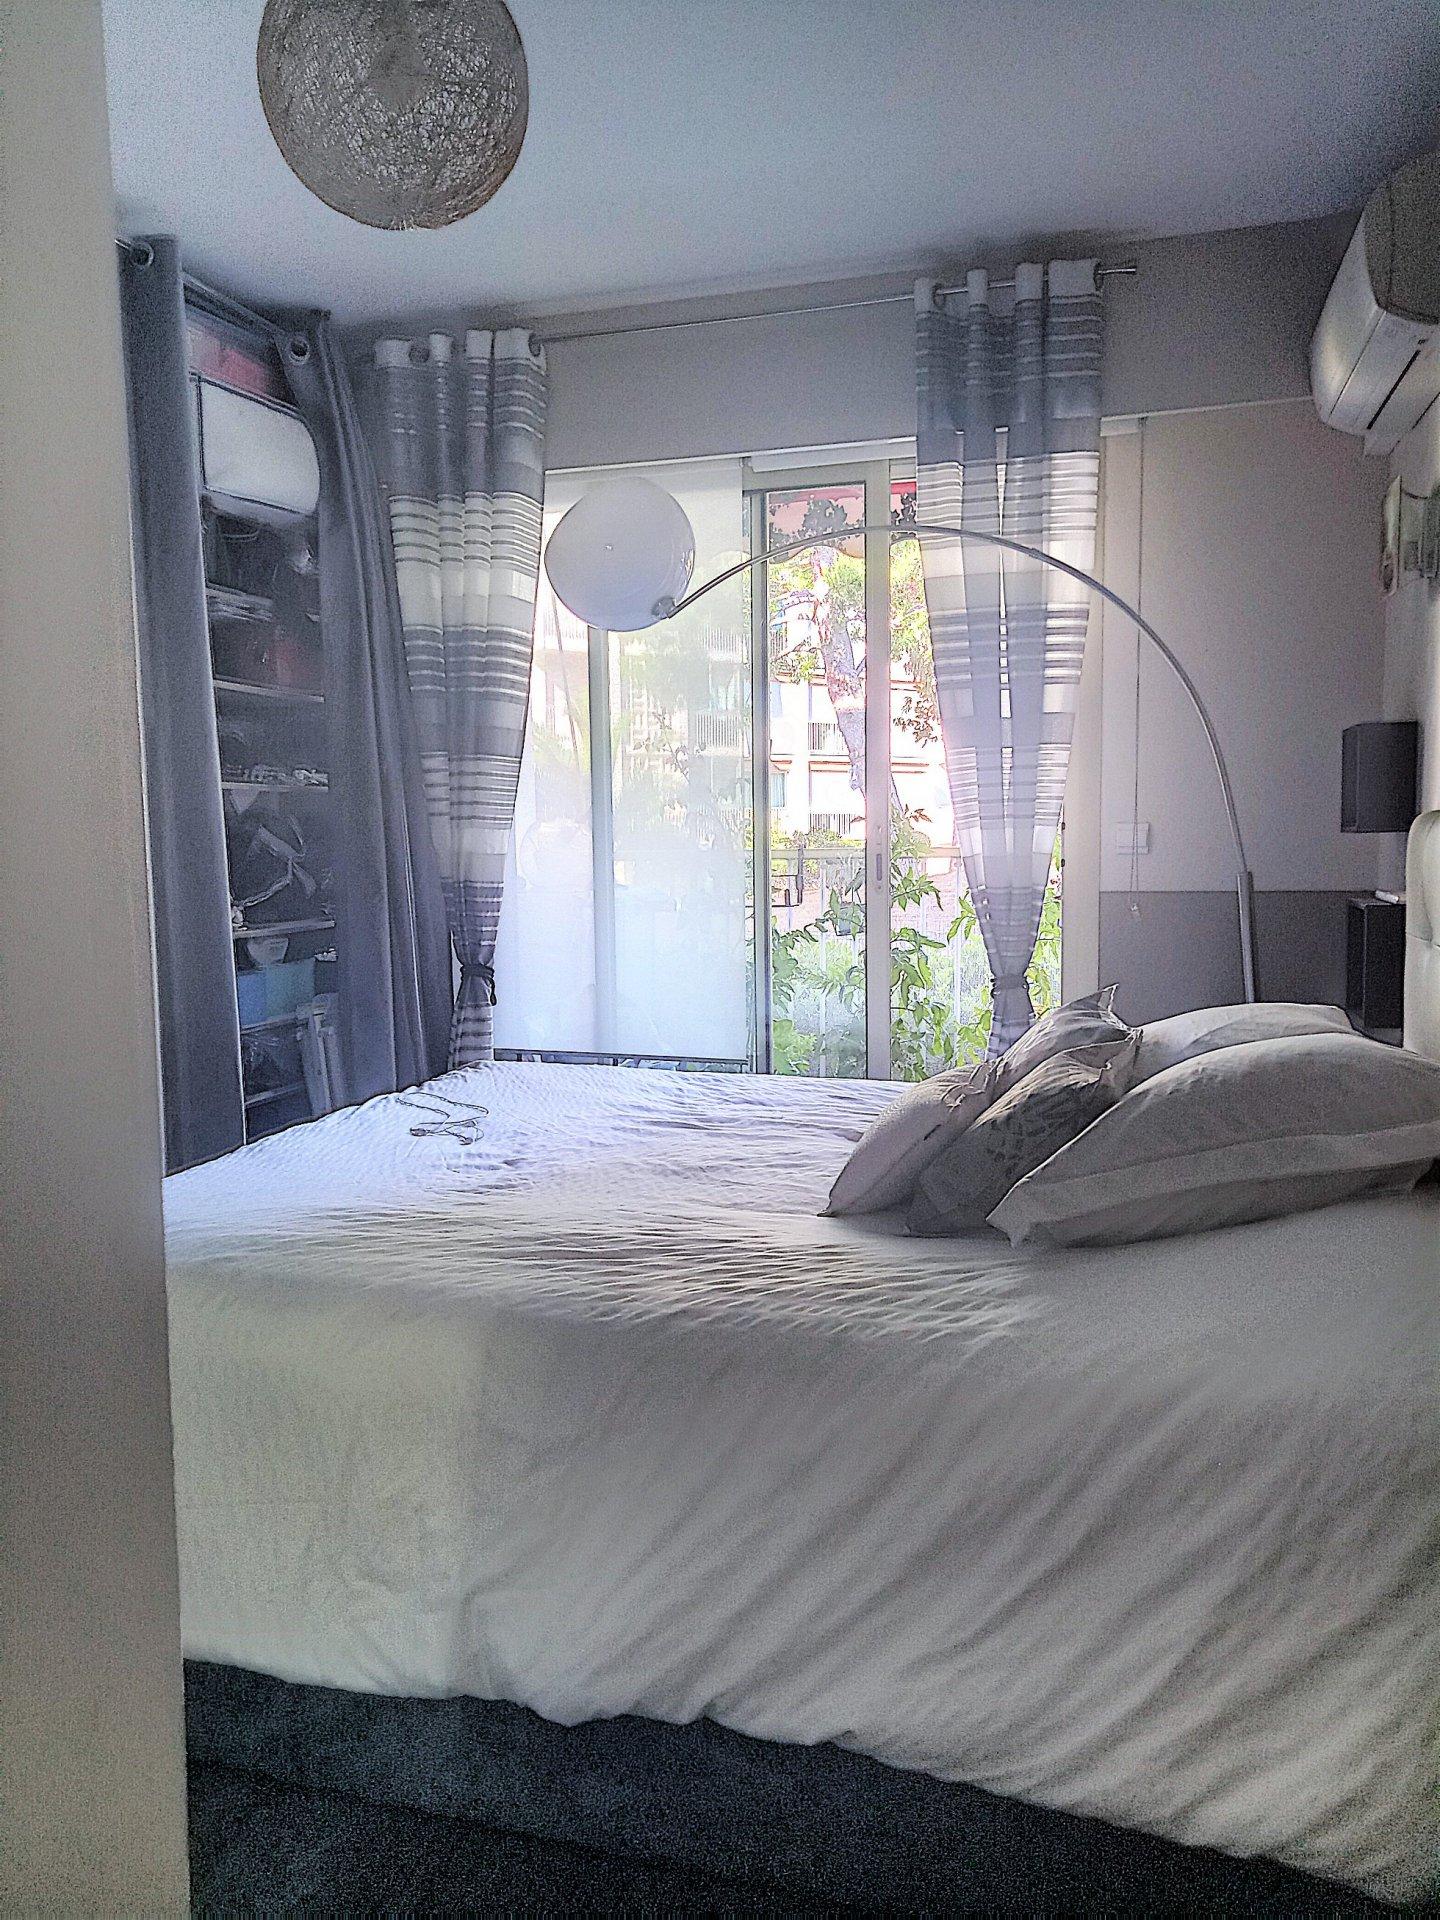 Saint Laurent du Var ( 06700 ) Appartement 3 pièces 75m² - Parking - Cave